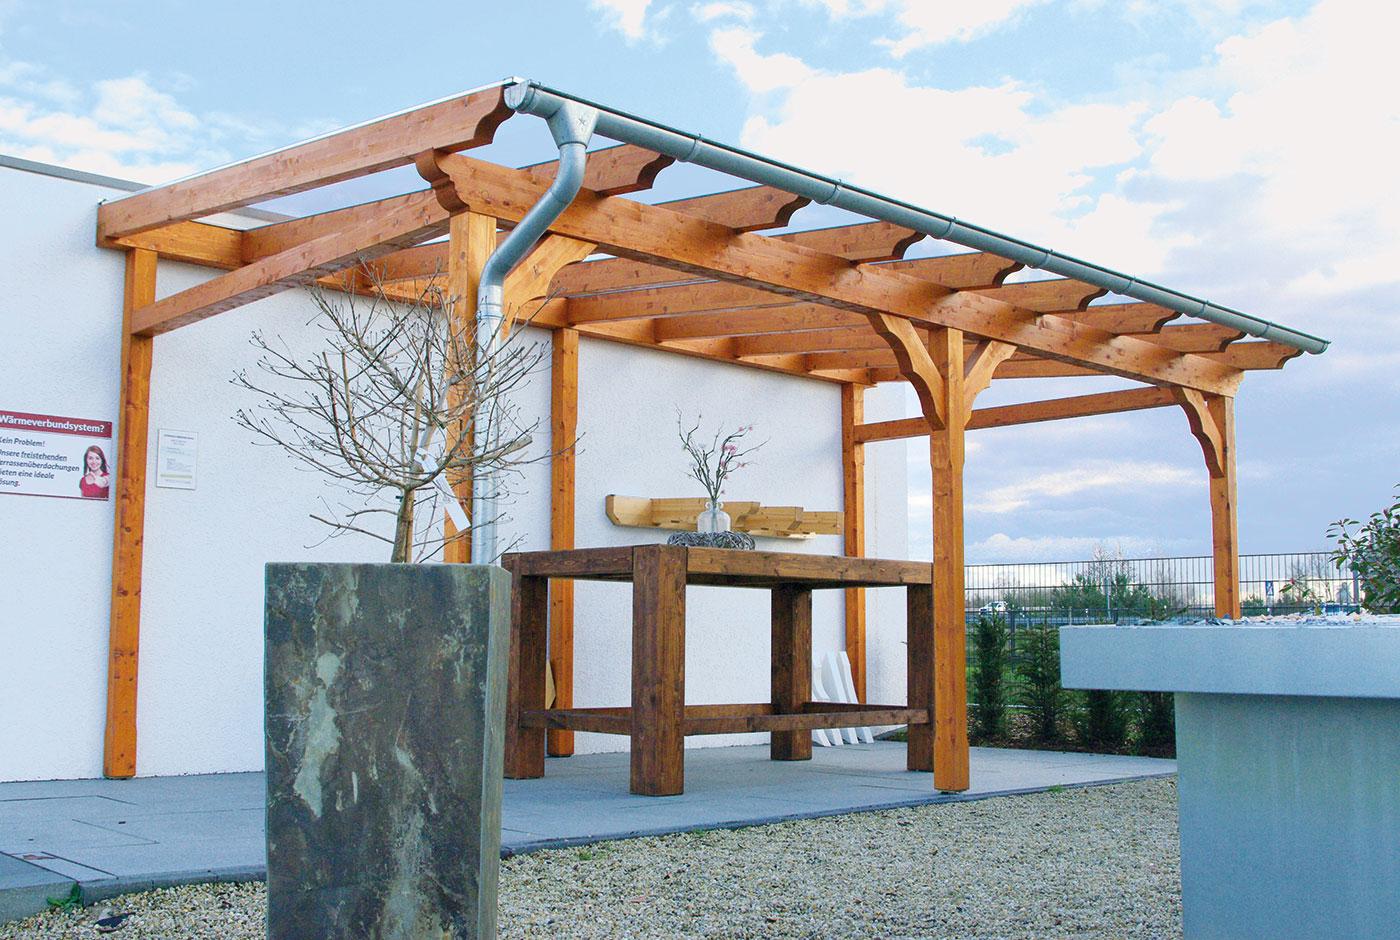 Terrassenüberdachung Freistehend Holz Glas ~ Brauche ich eine versicherung für die terrassenüberdachung?